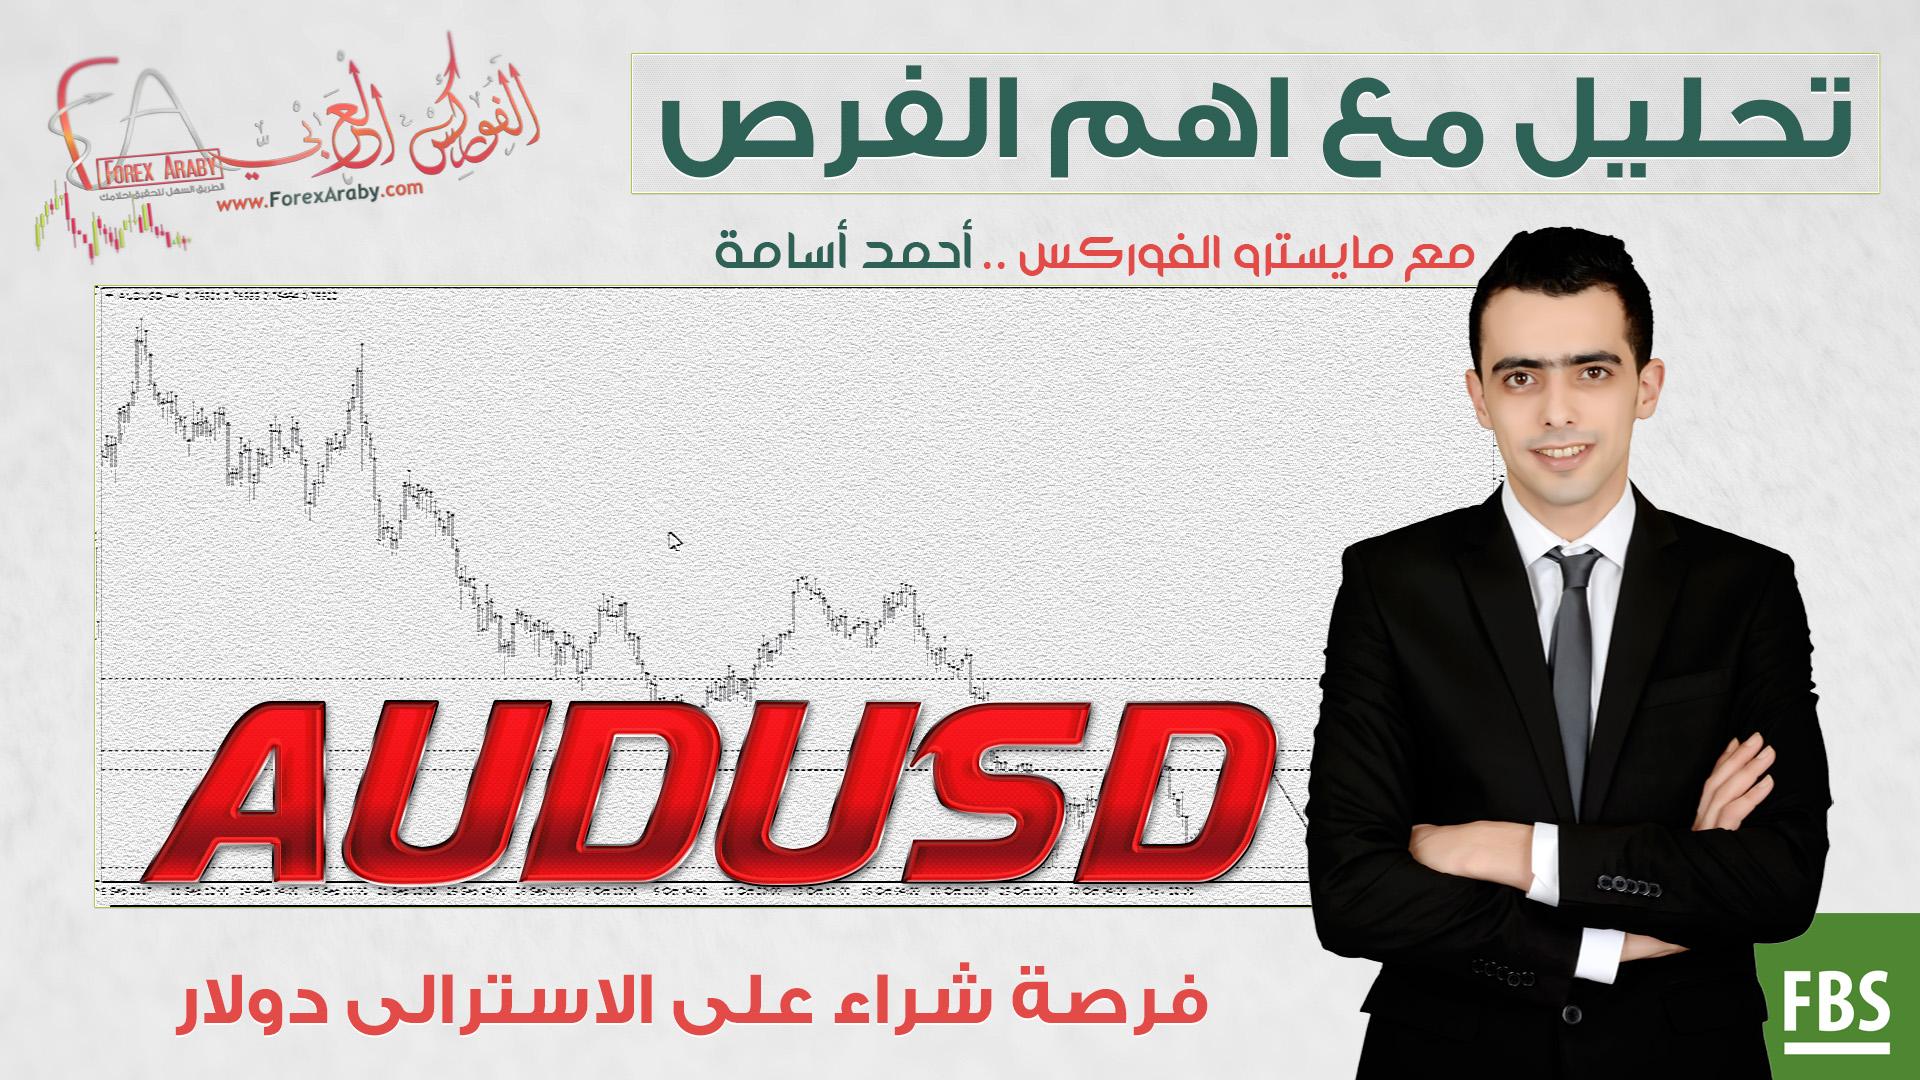 فرصة شراء على الاسترالى دولار audusd